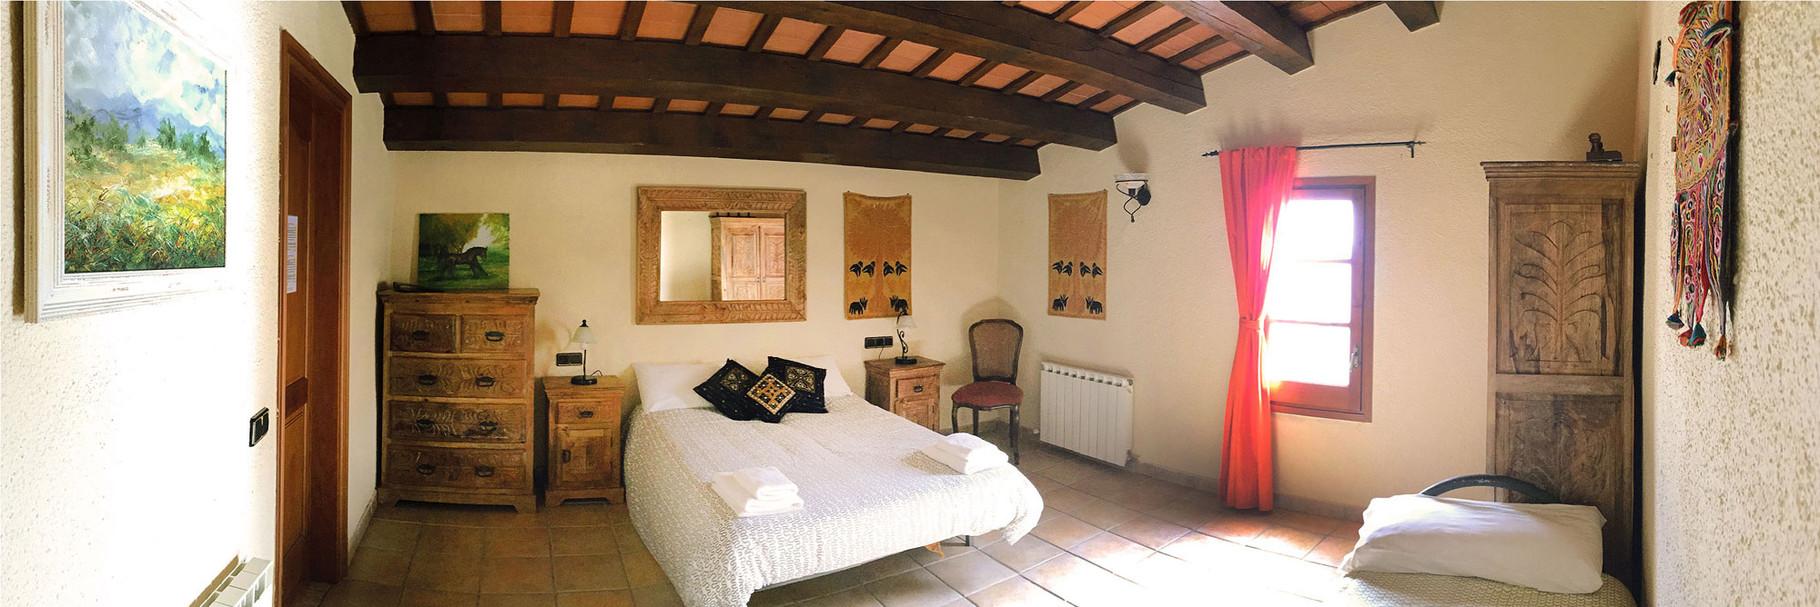 Habitació tipus suite